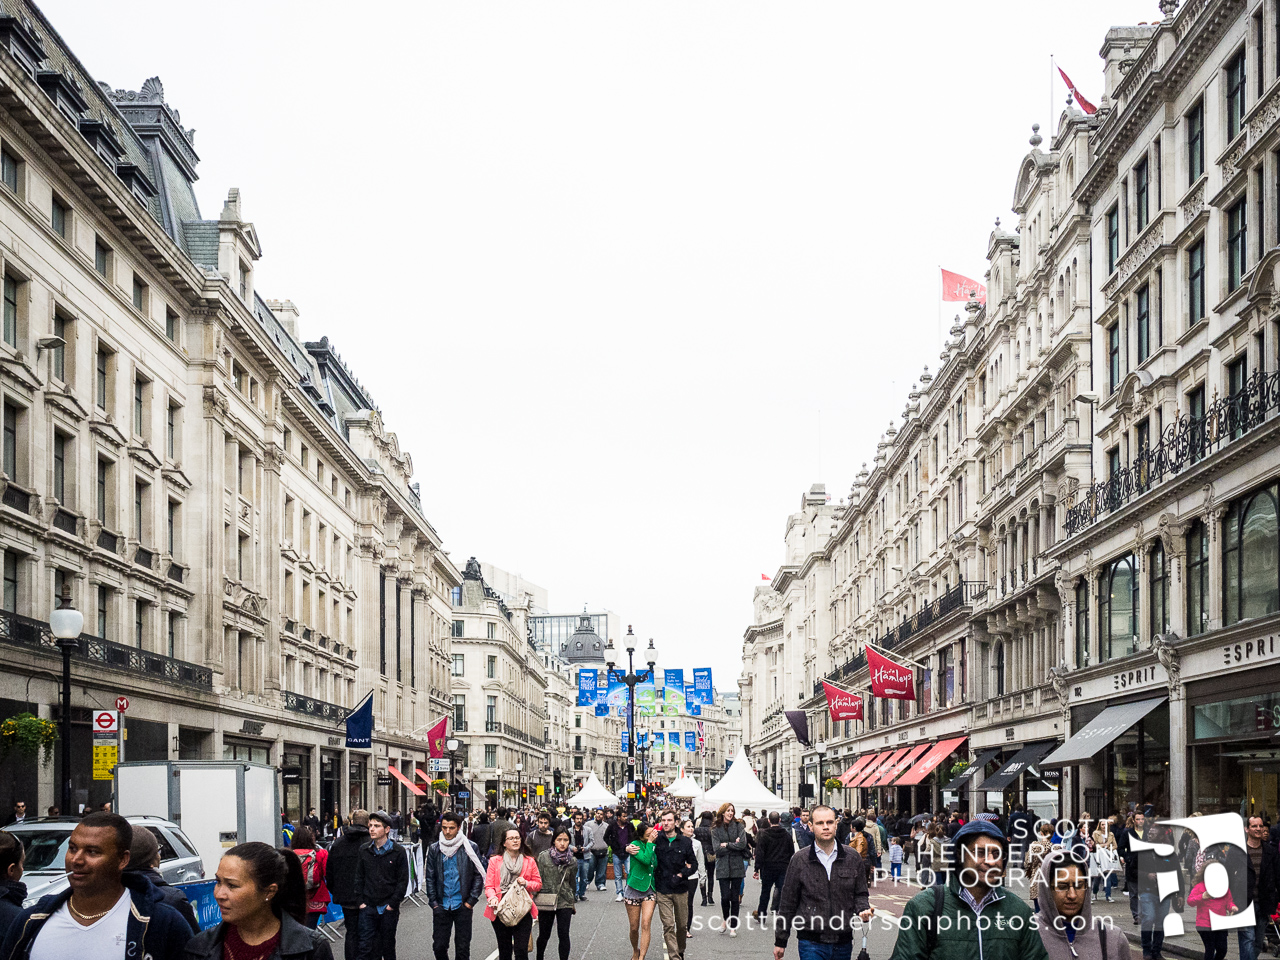 london201305-014.jpg